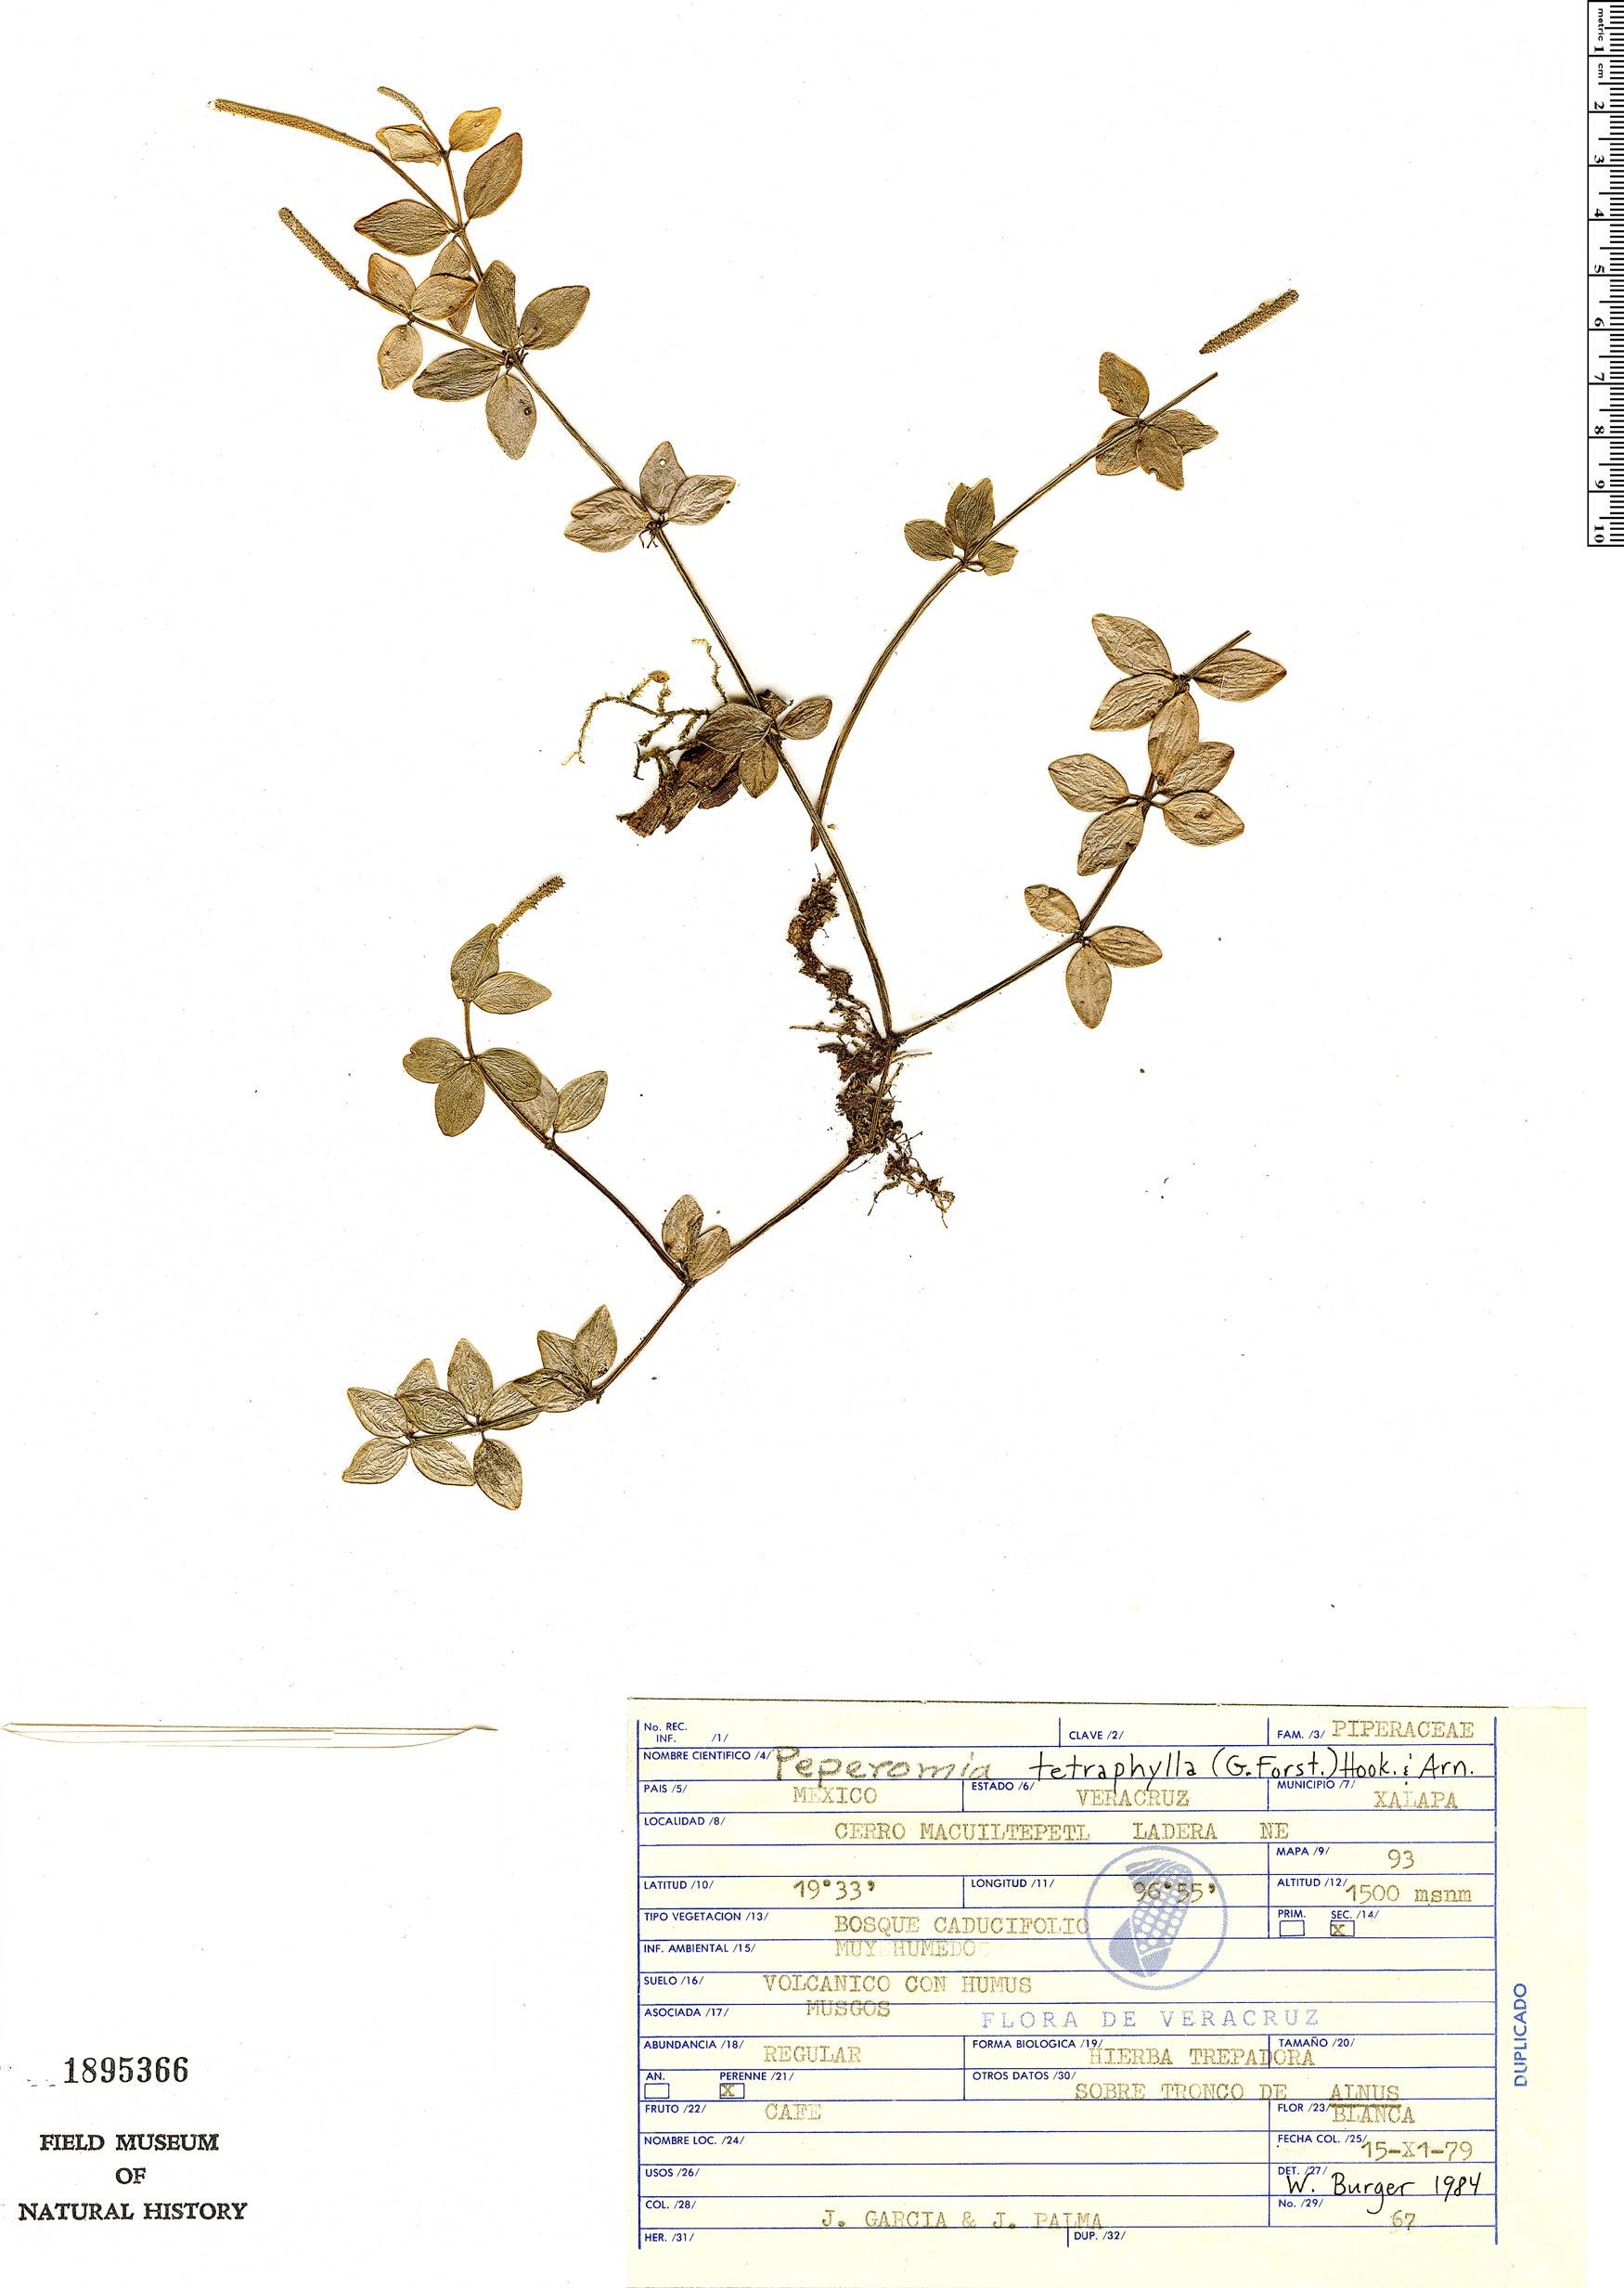 Specimen: Peperomia tetraphylla